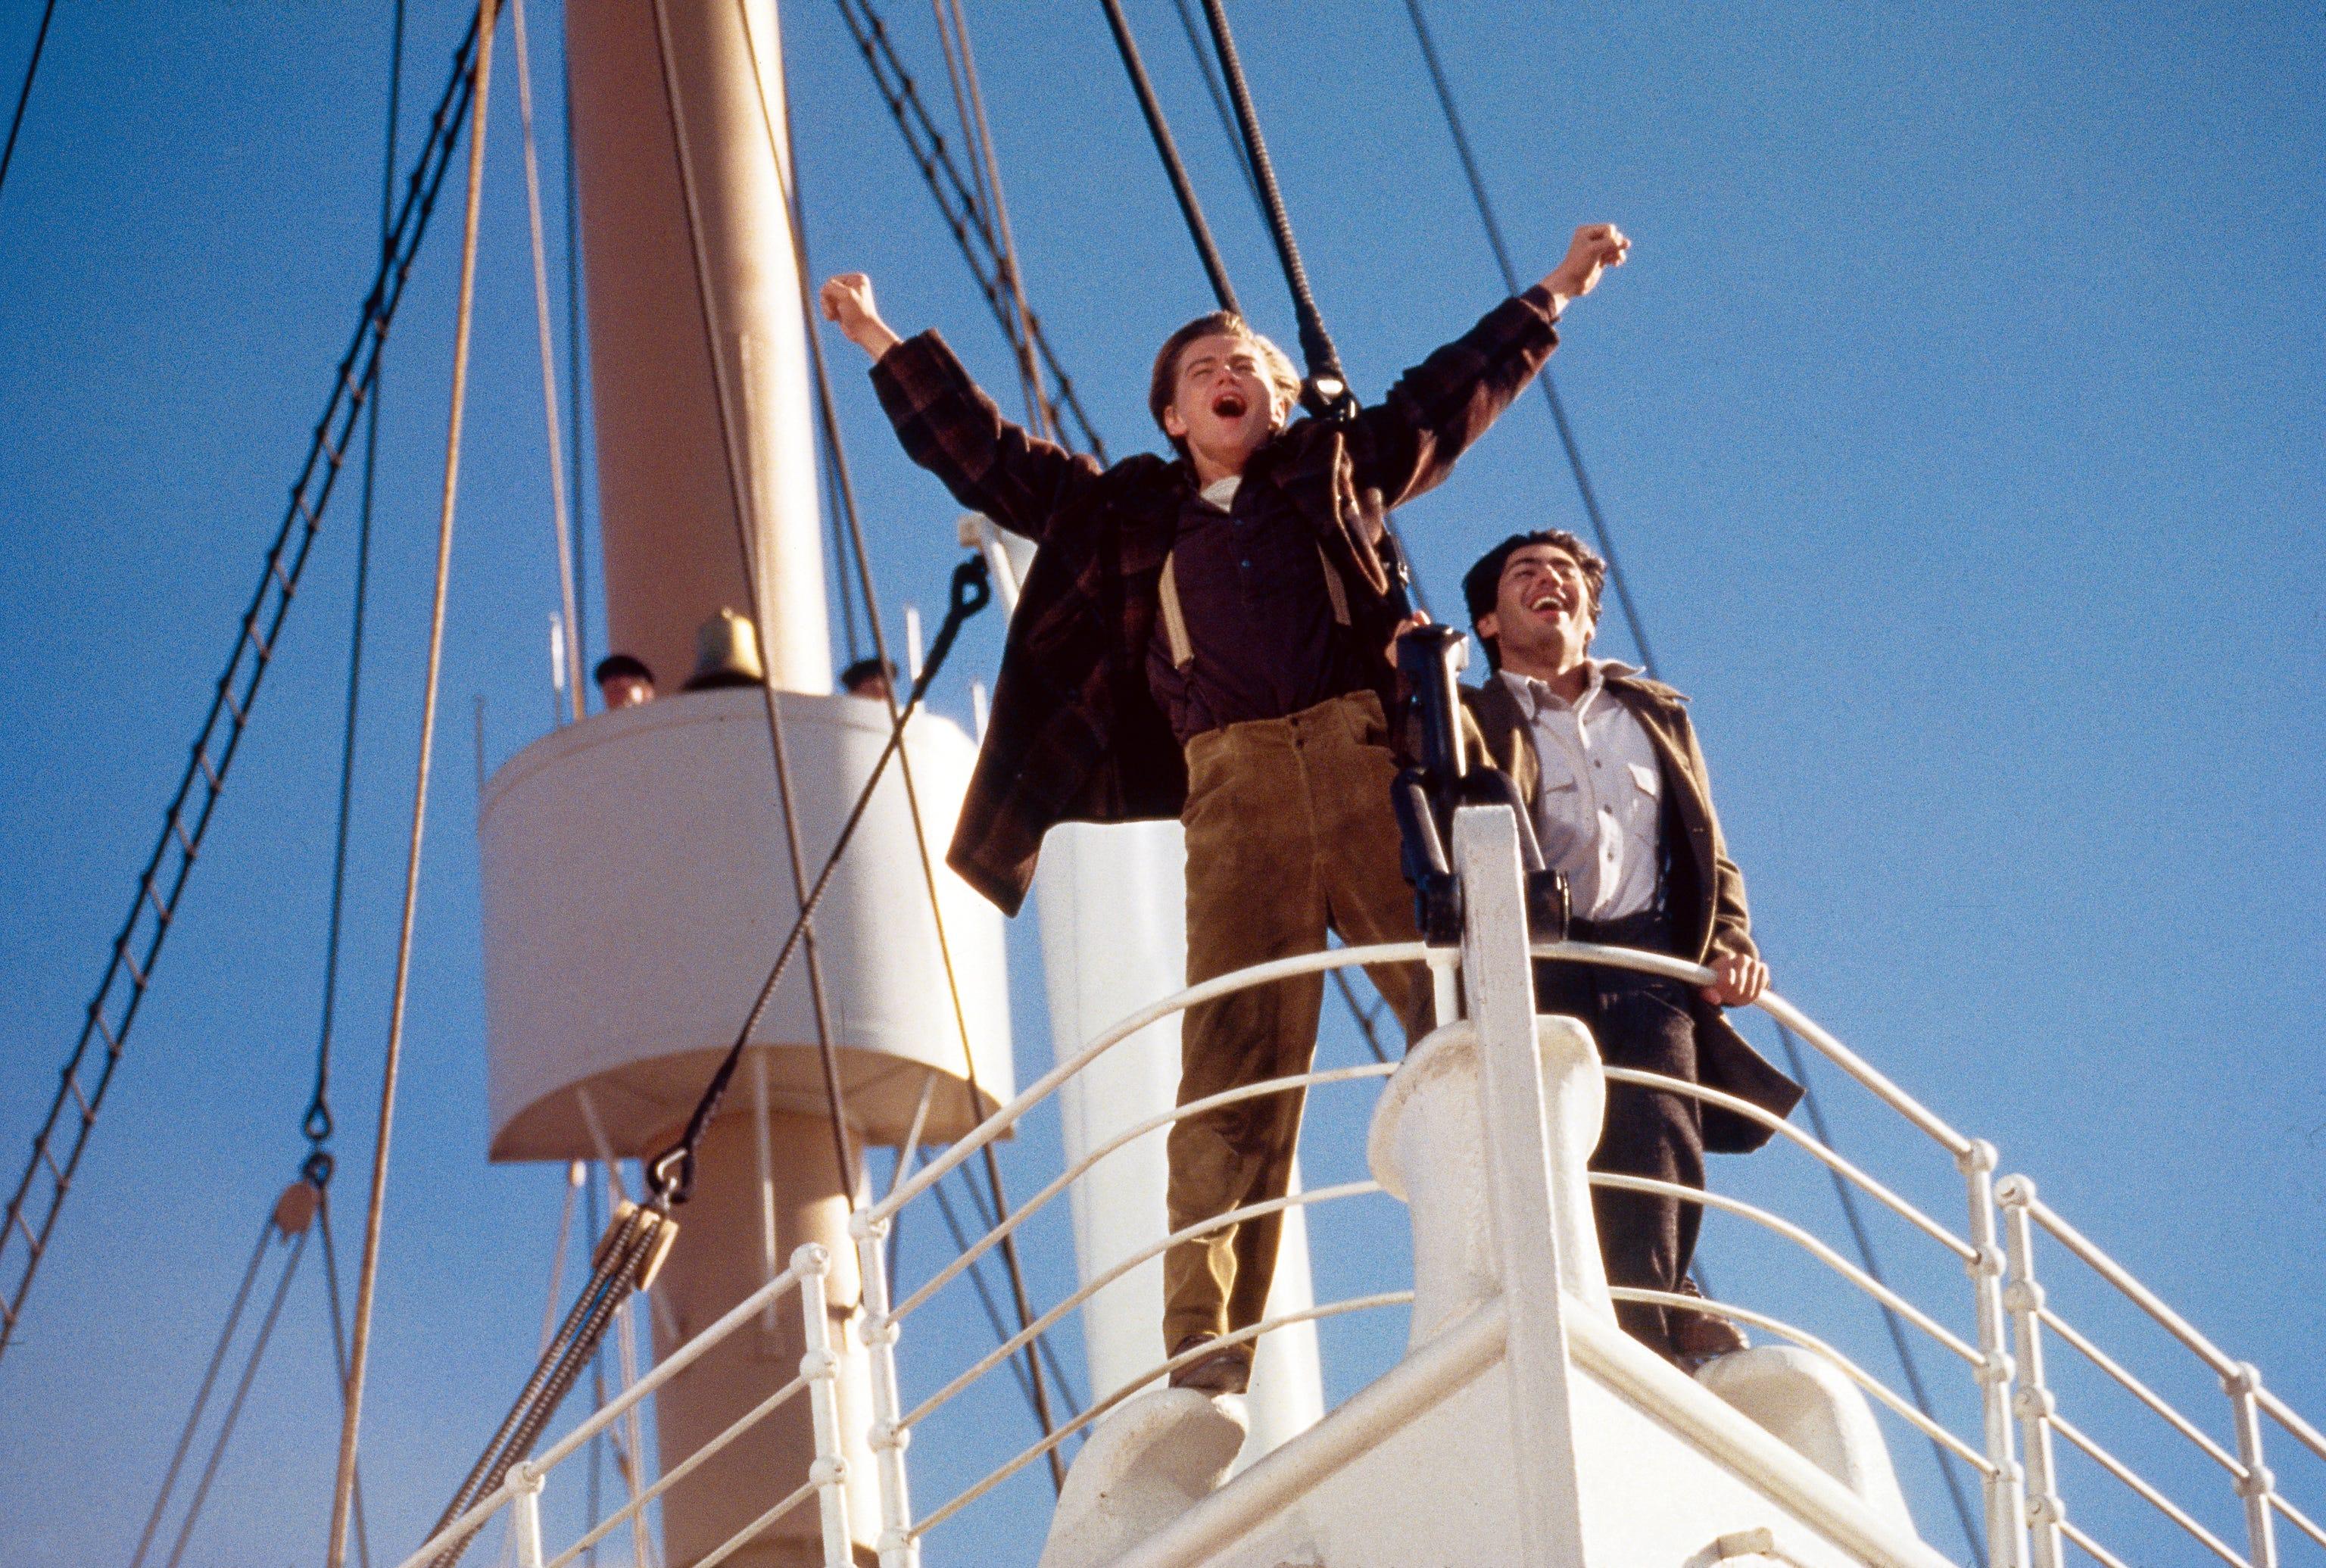 titanic ii to sail original ship u0026 39 s fateful route in 2022